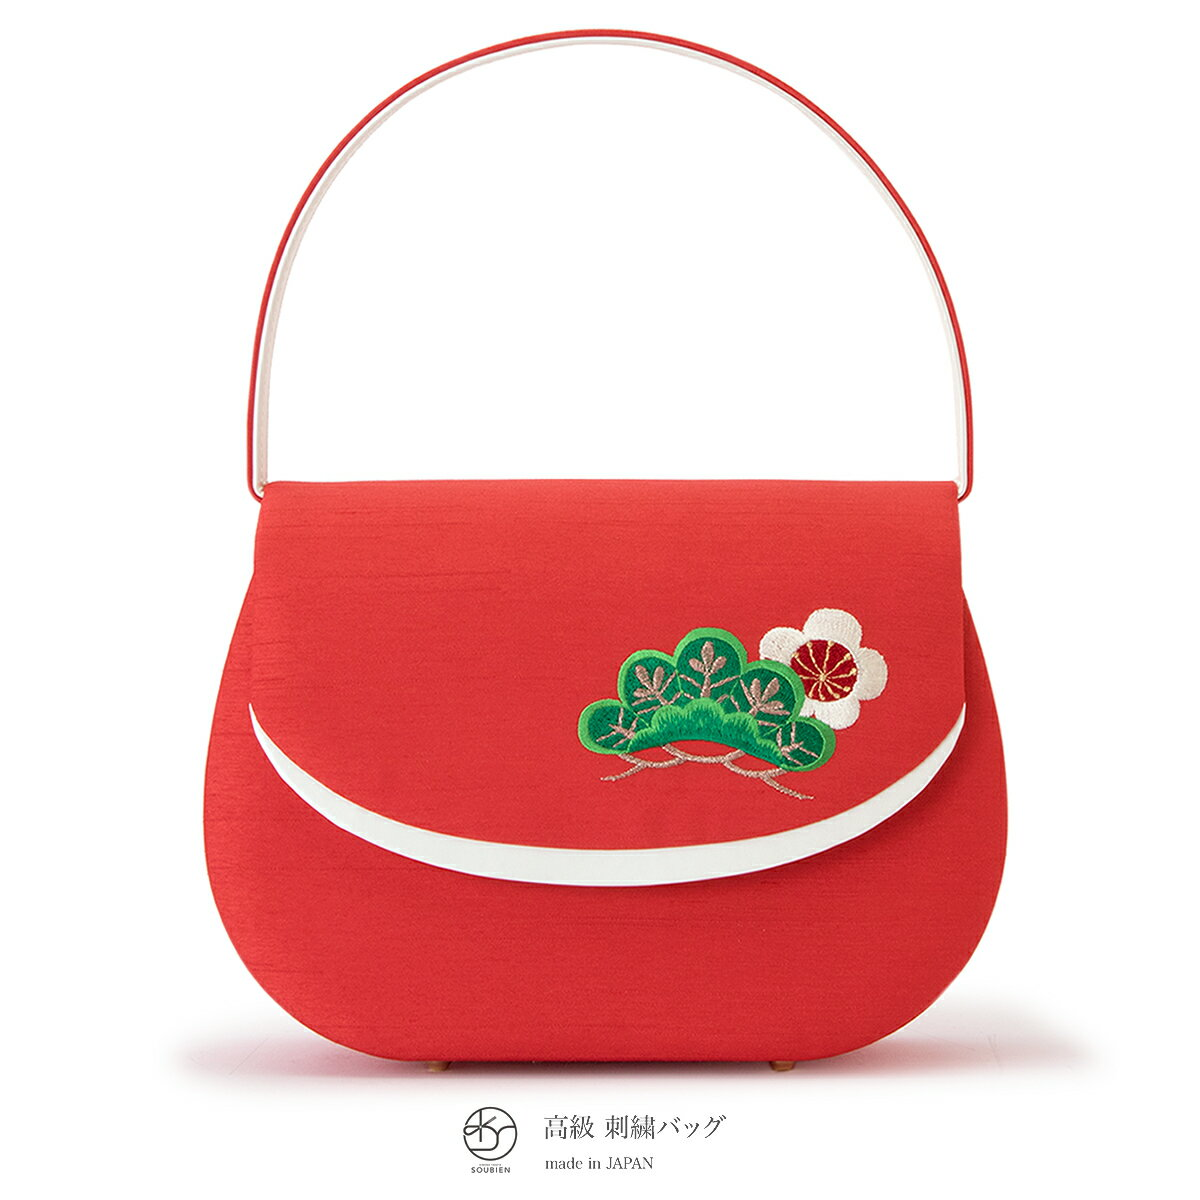 バッグ 赤 レッド 梅 うめ 松 まつ 花 刺繍 かばん 鞄 振袖用 成人式用 日本製 【送料無料】【あす楽対応】